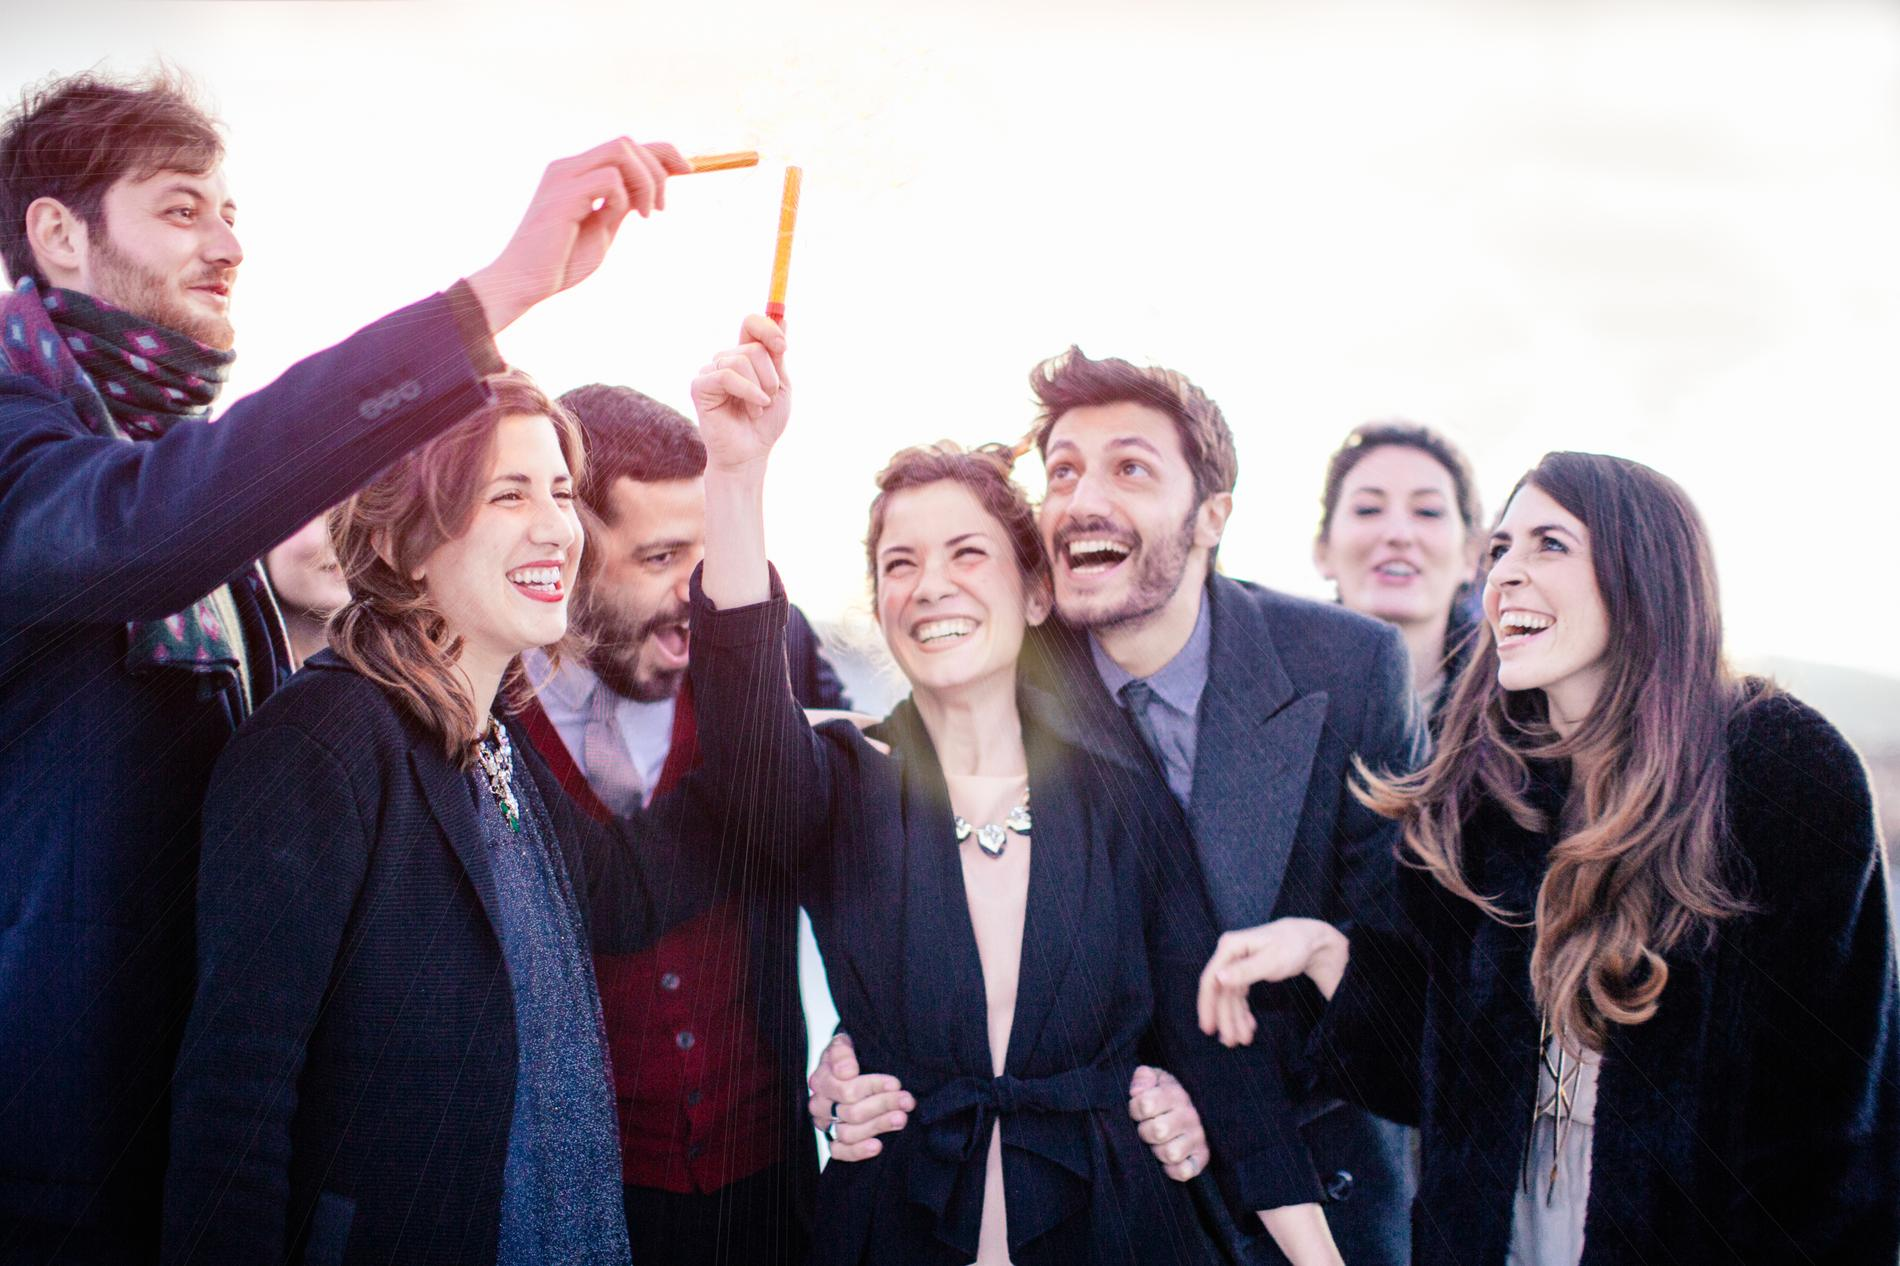 rencontres soeurs amis recherche d'emploi comme Dating